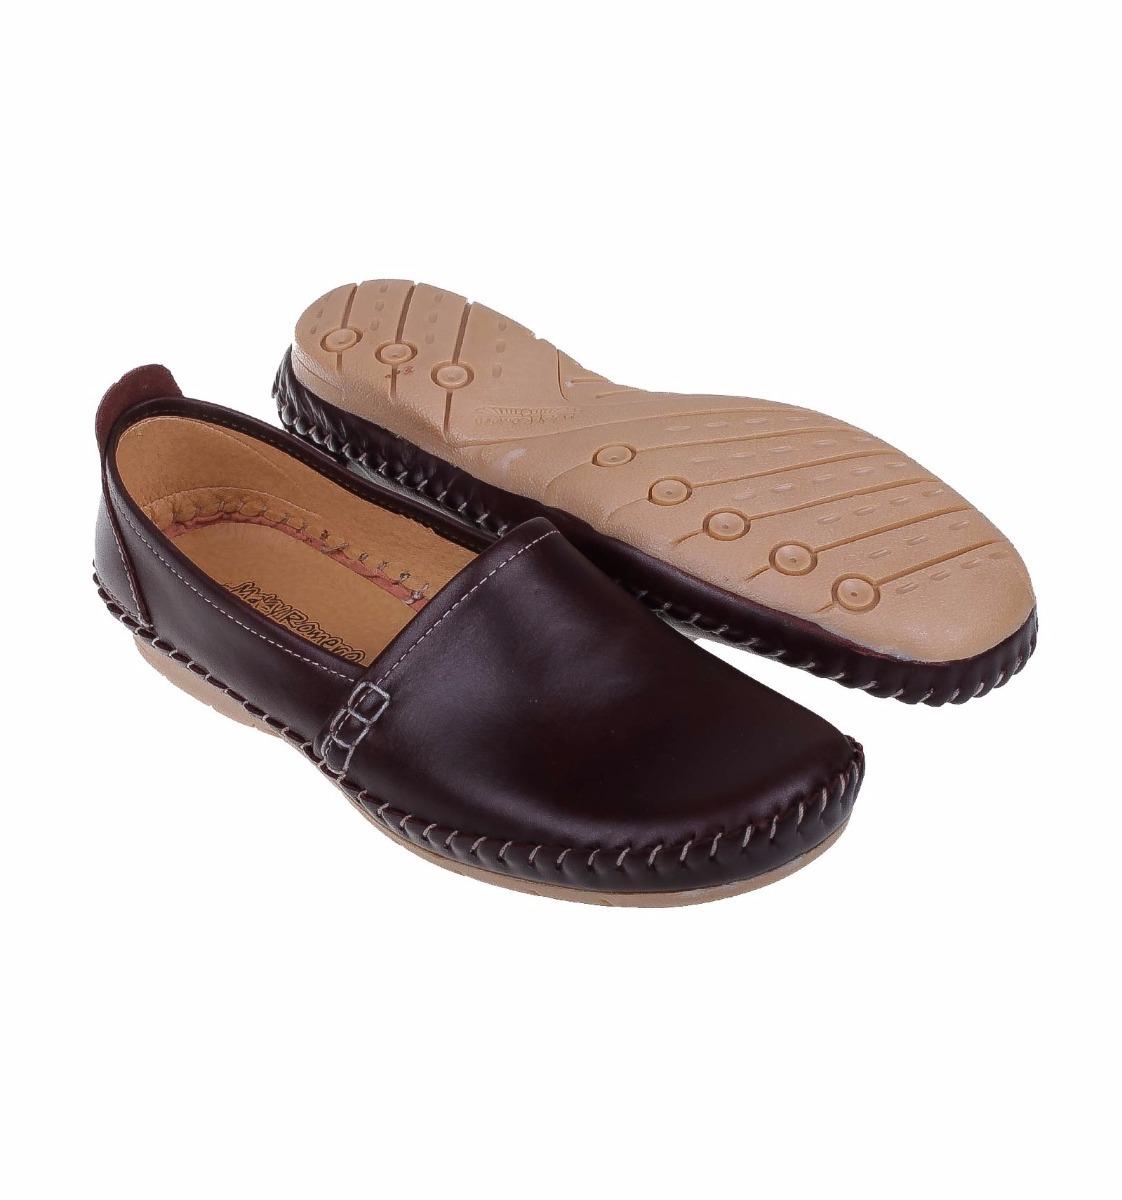 Super Zapatos Dama Confortables ¡envío Para Gratis 7yvIYbfg6